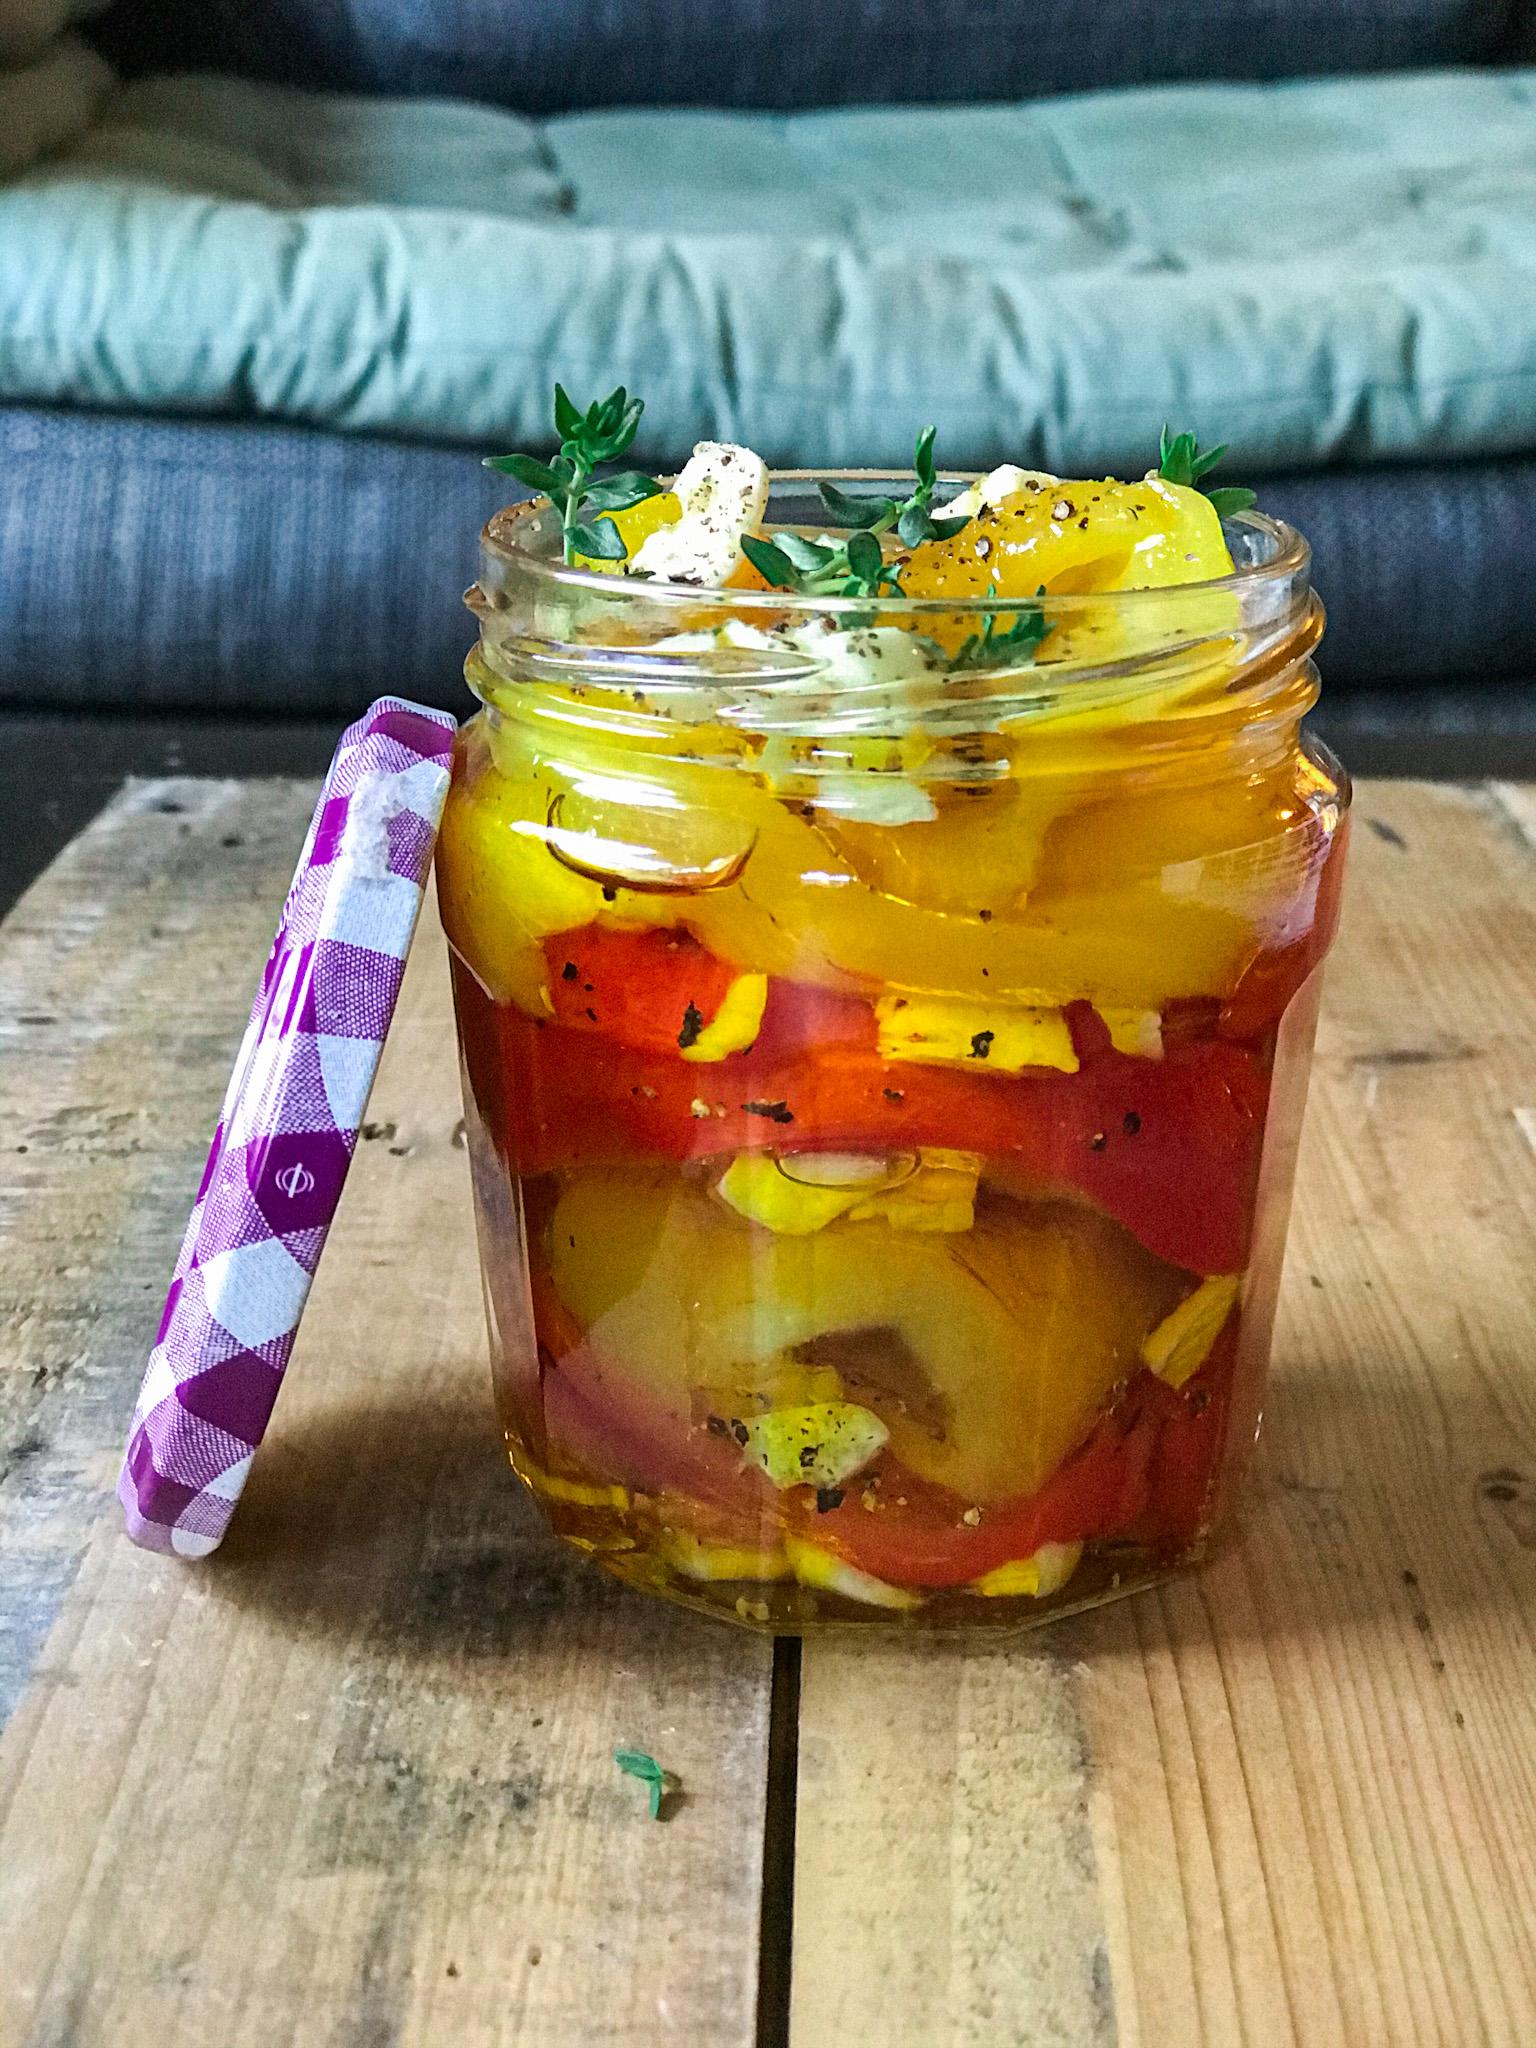 blog labelaure recette confinée ciovid 19 poivrons confits marinés ail Bonne-Maman bocaux conserve jar